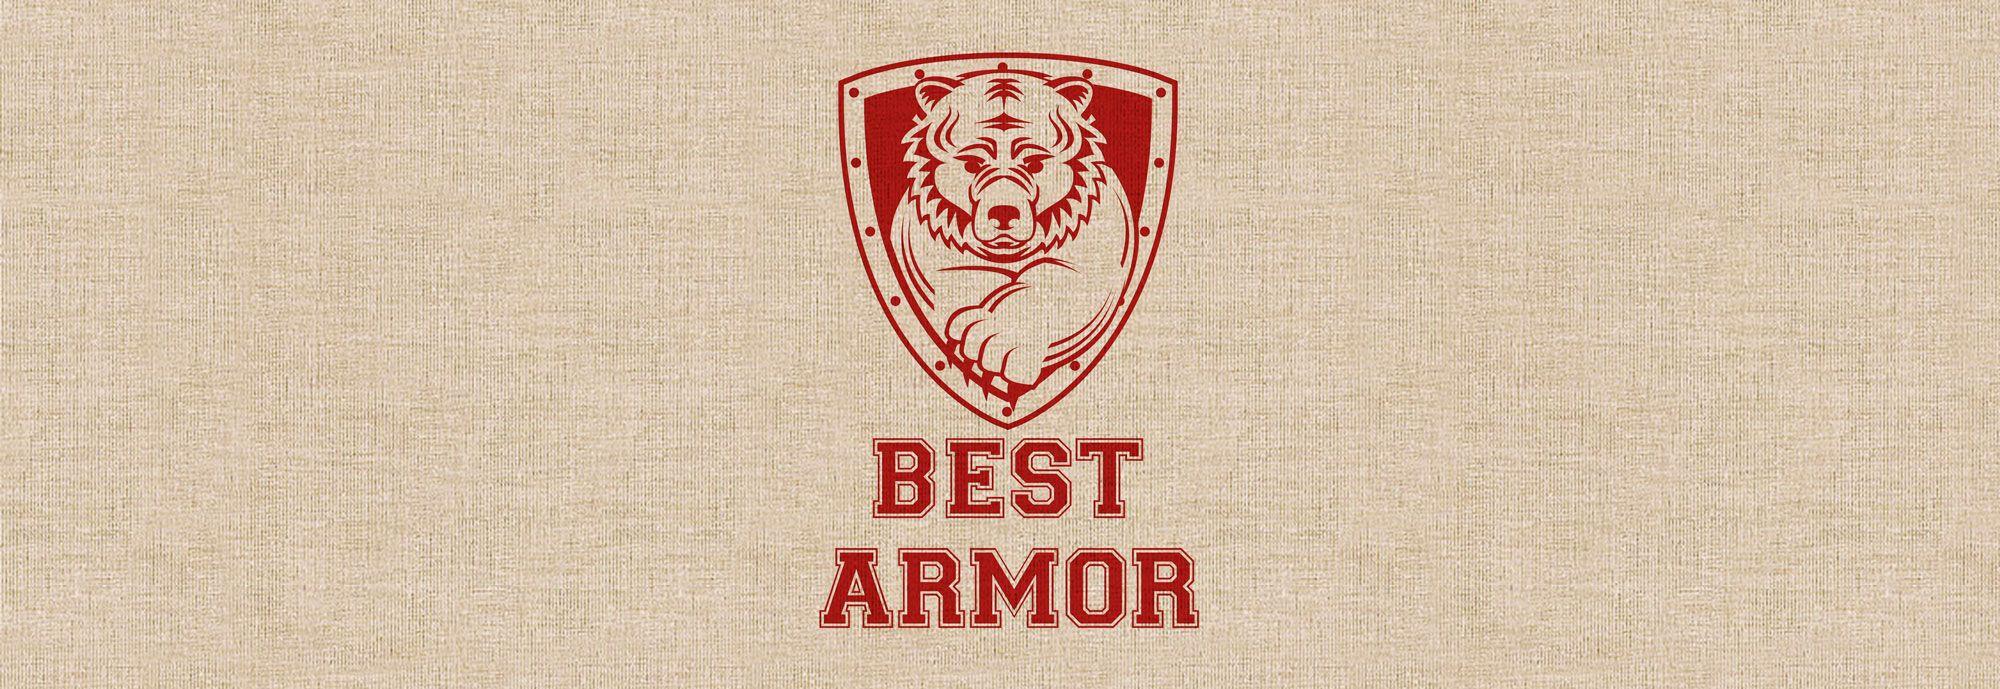 Логотип для интернет-магазина спортивной одежды - дизайнер Agor_